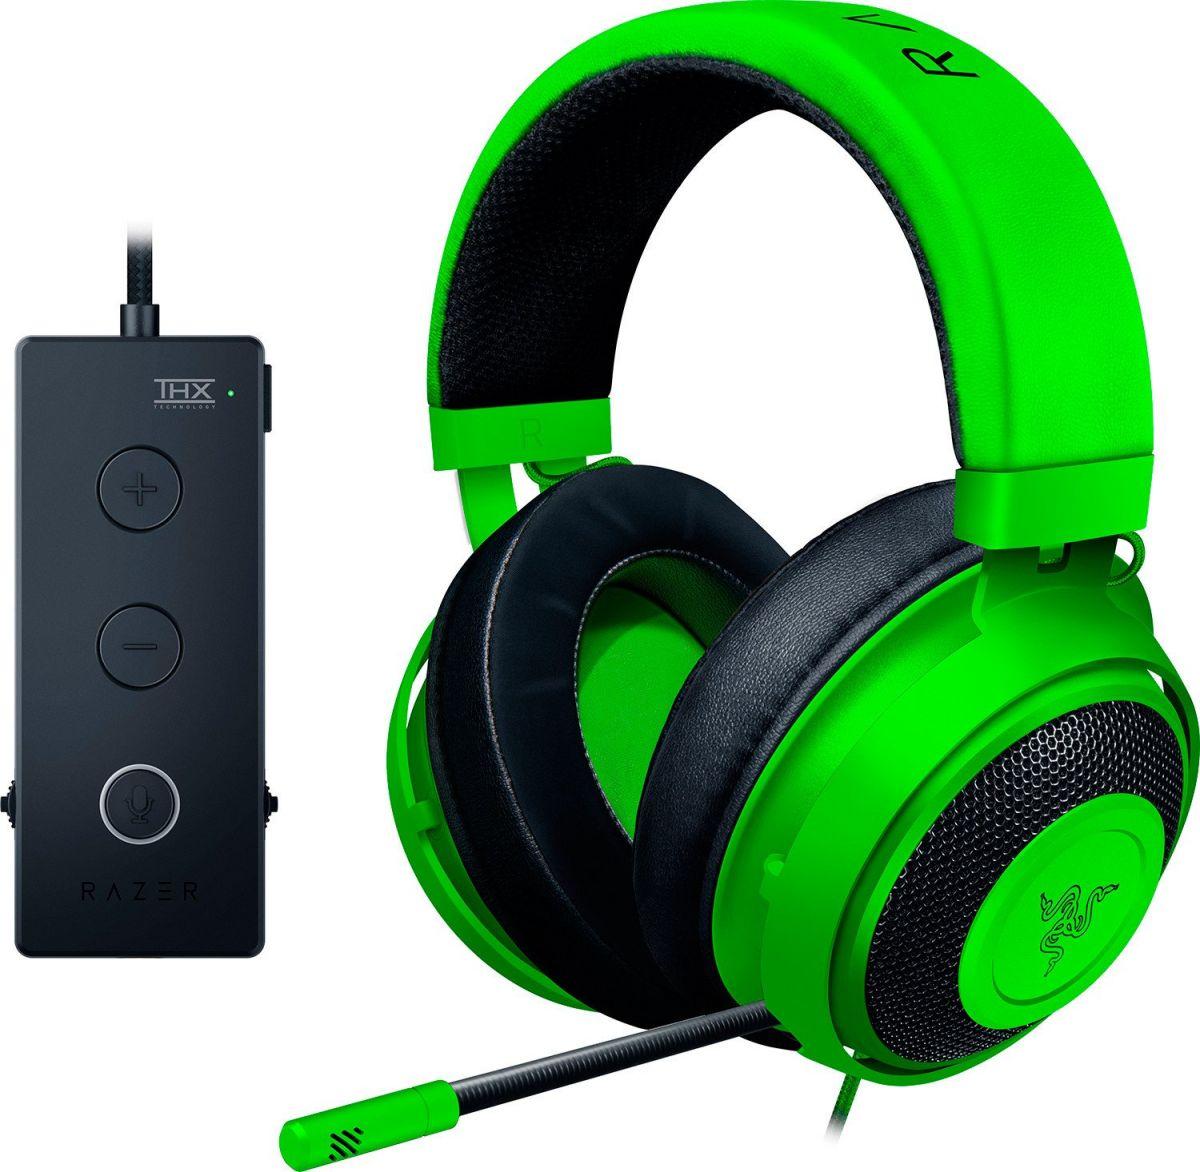 Игровые наушники Razer Kraken Tournament Edition Green (RZ04-02051100-R3M1)